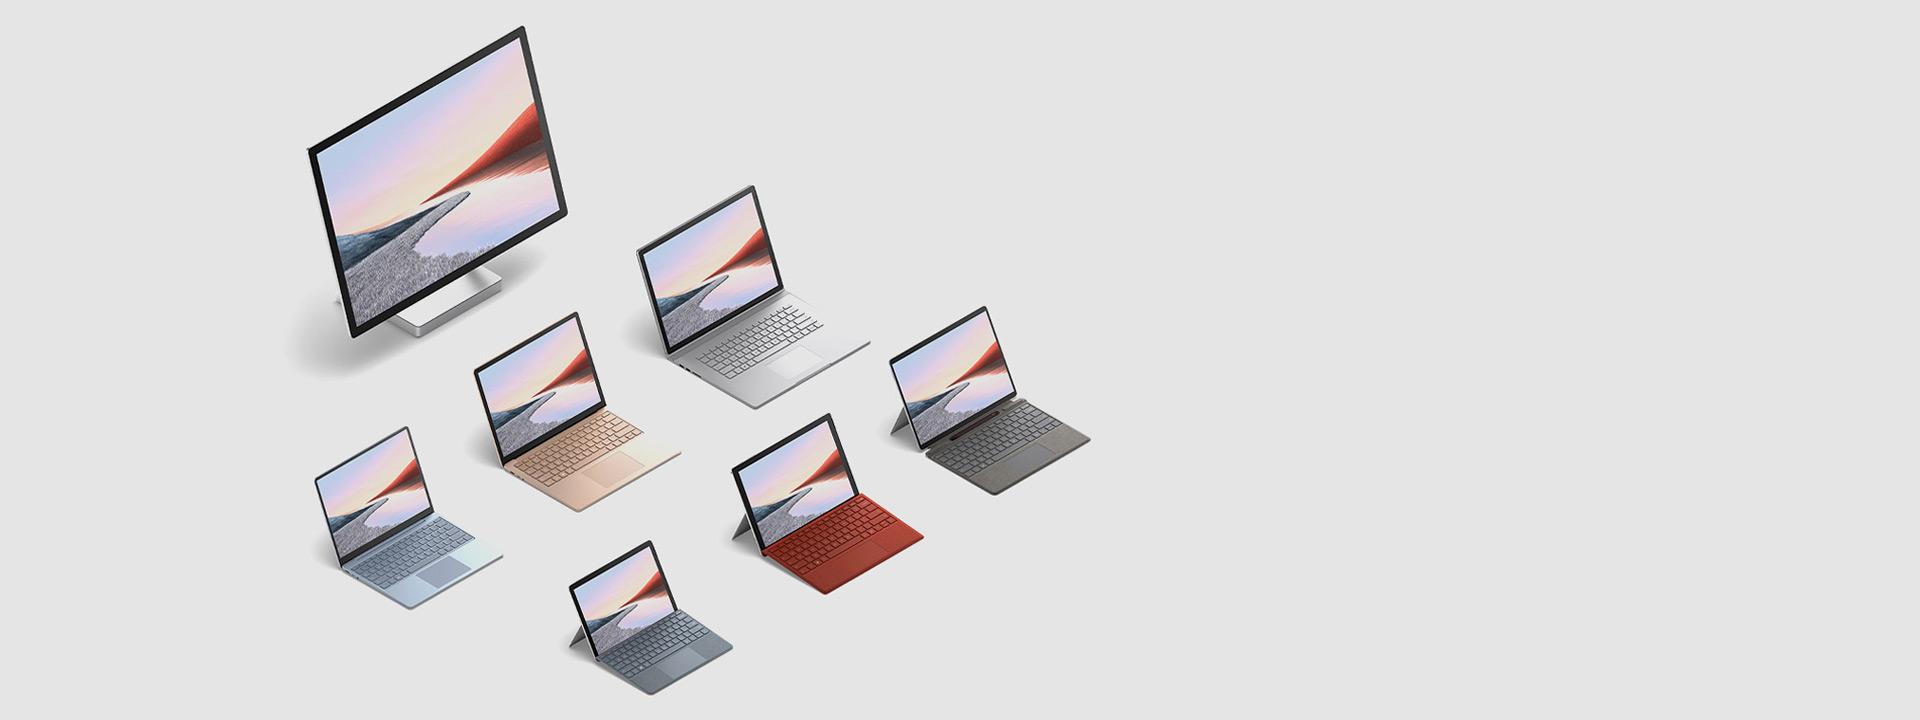 Nouvelle famille d'appareils Surface